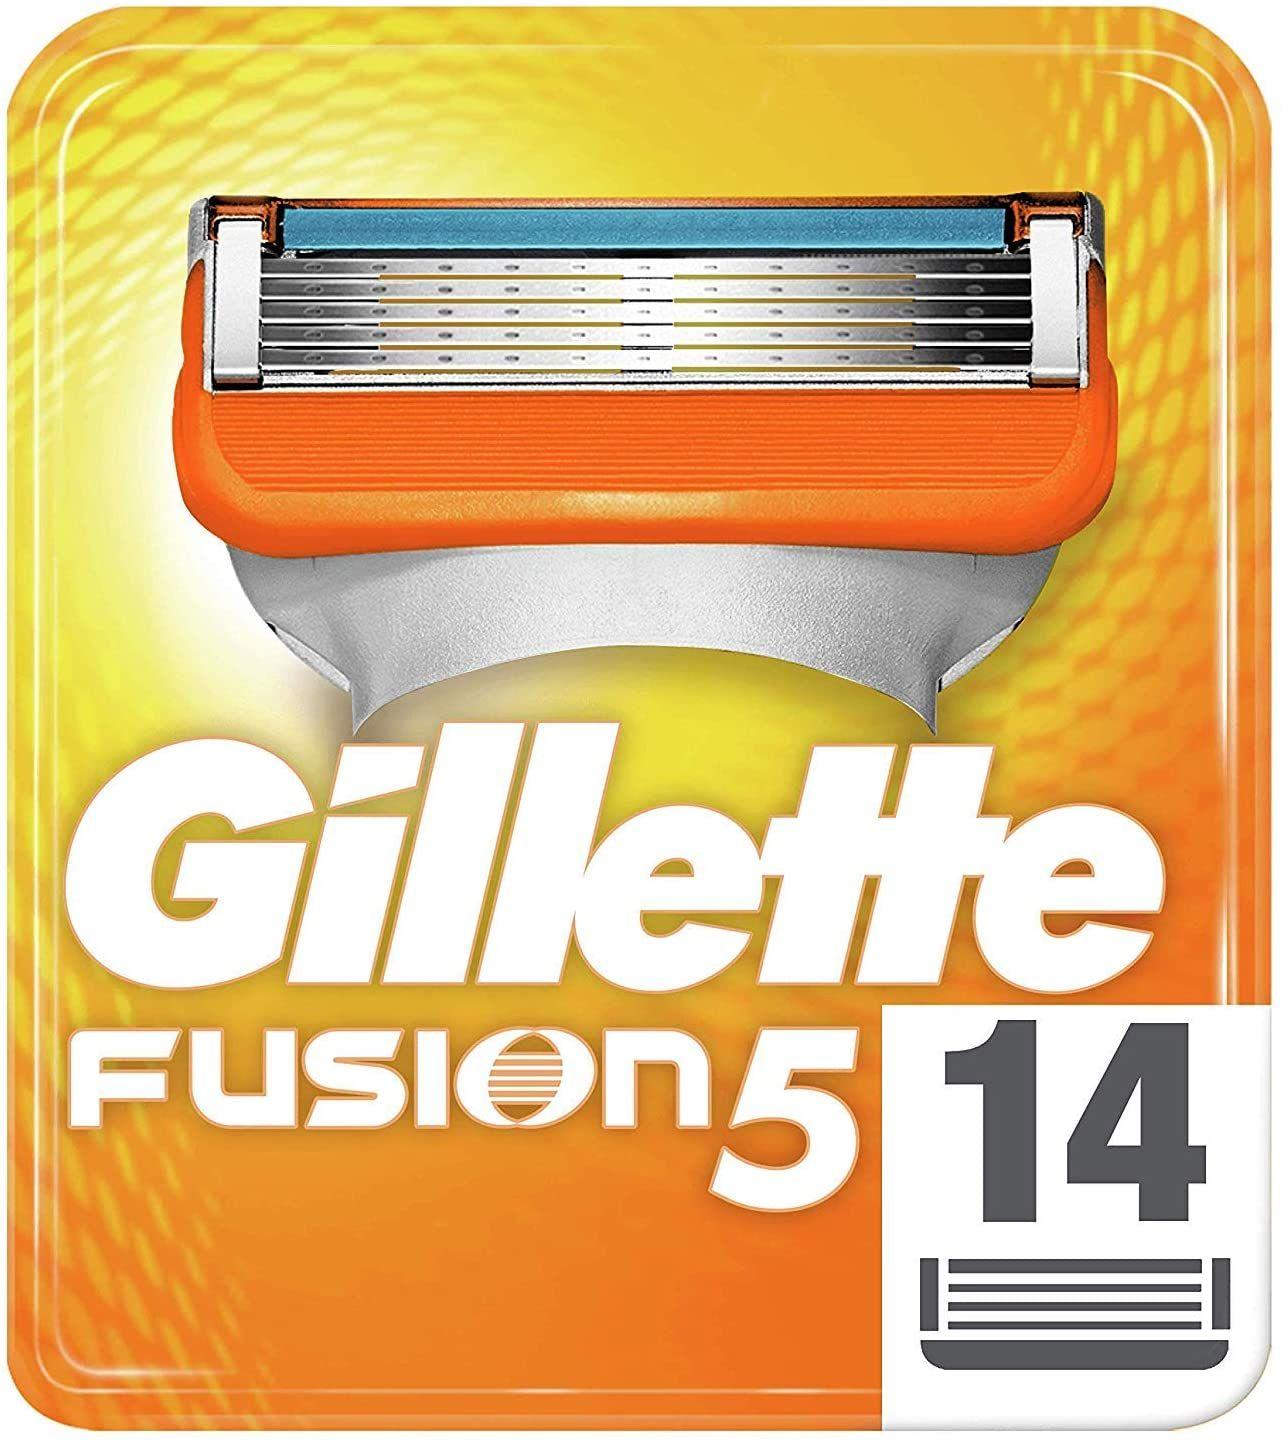 Gillette Fusion5 Rasierklingen für Männer, 14 Stück (1,35/ Stück) [Sparabo]